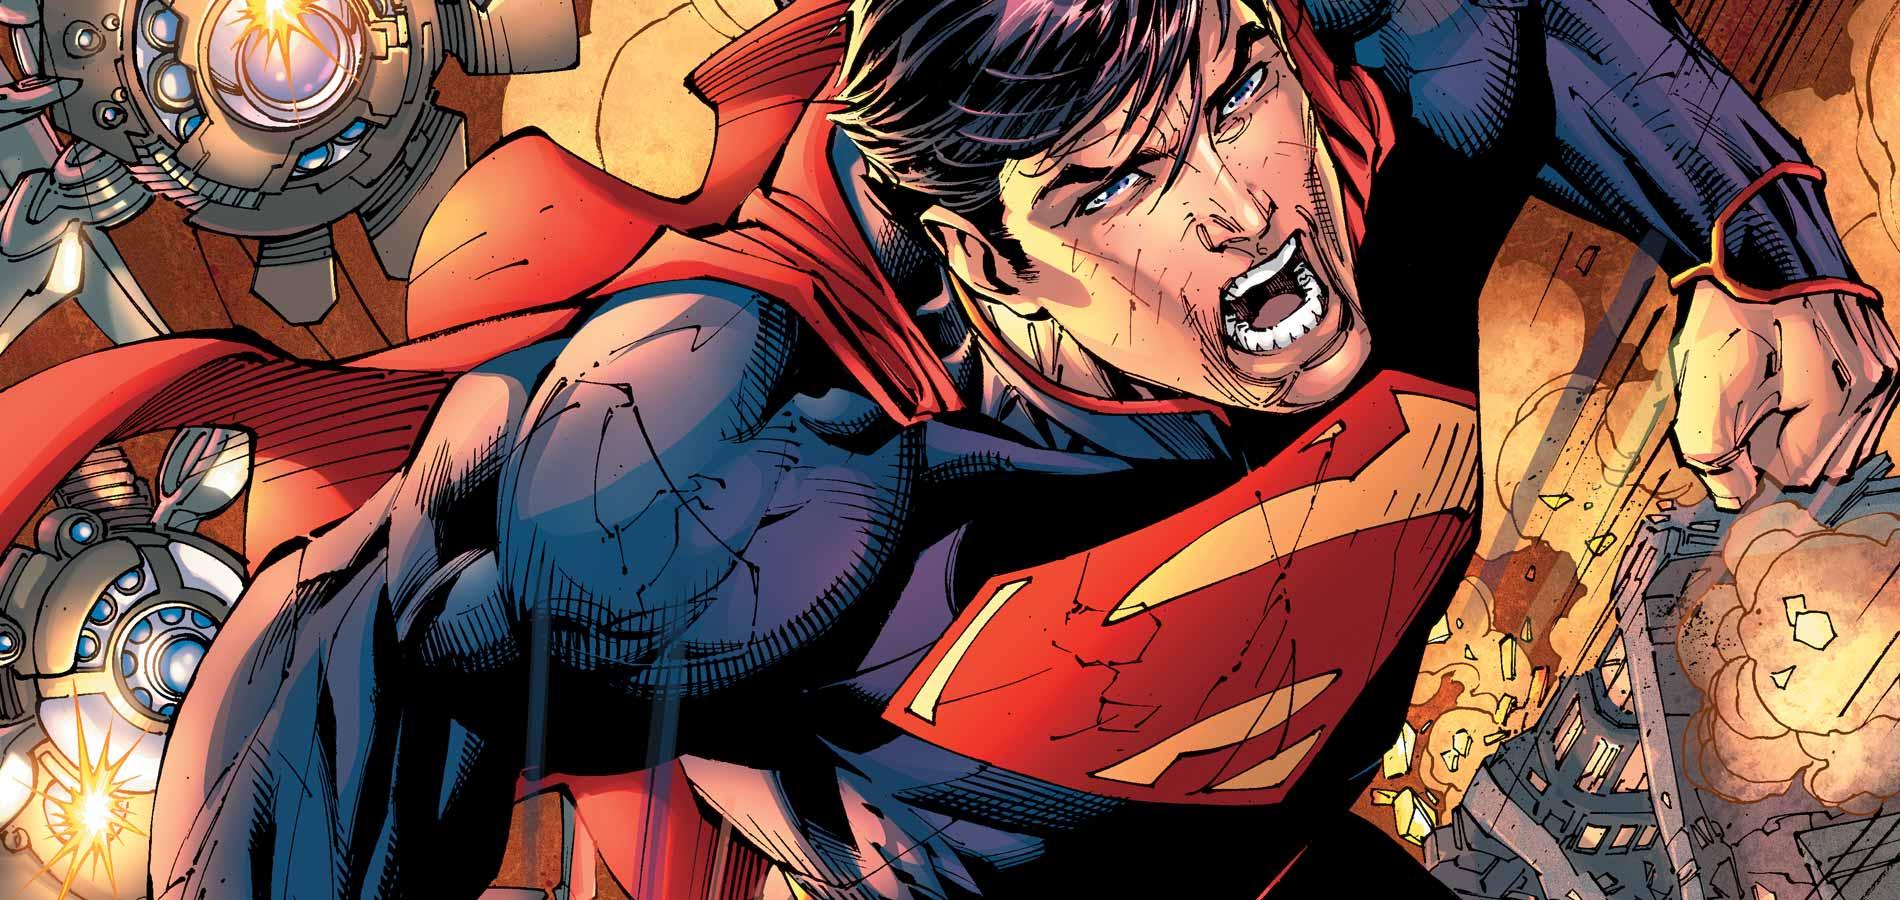 Superman DC Comics artwork